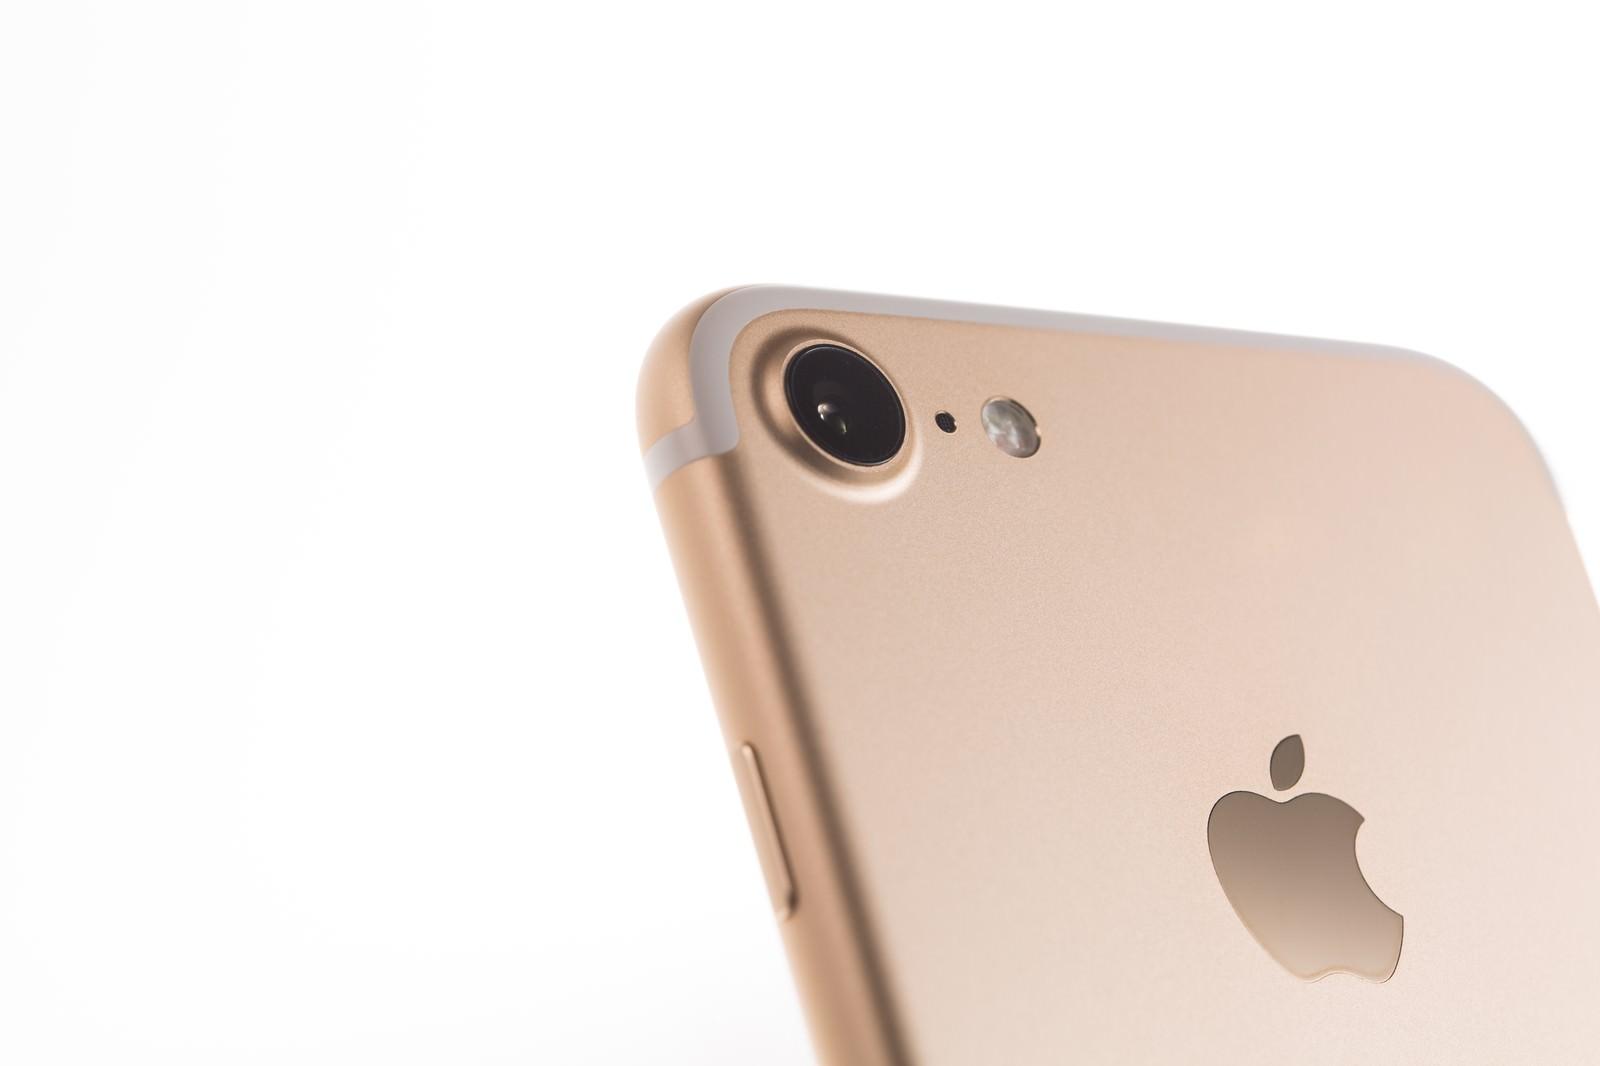 「ゴールドのスマートフォンとiSightカメラ | 写真の無料素材・フリー素材 - ぱくたそ」の写真